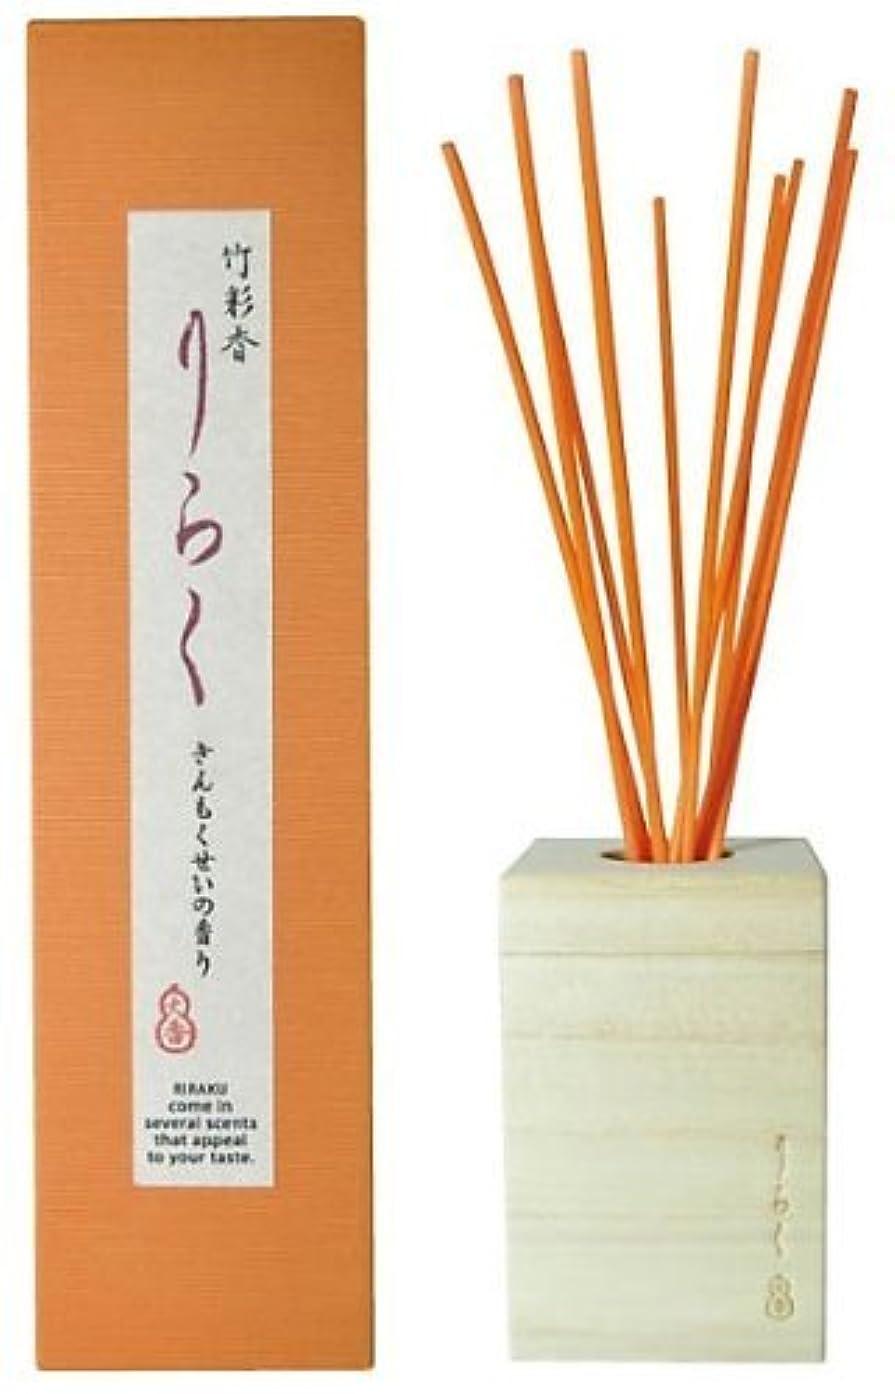 パーフェルビッドすすり泣き雑多な竹彩香りらくきんもくせい 50ml